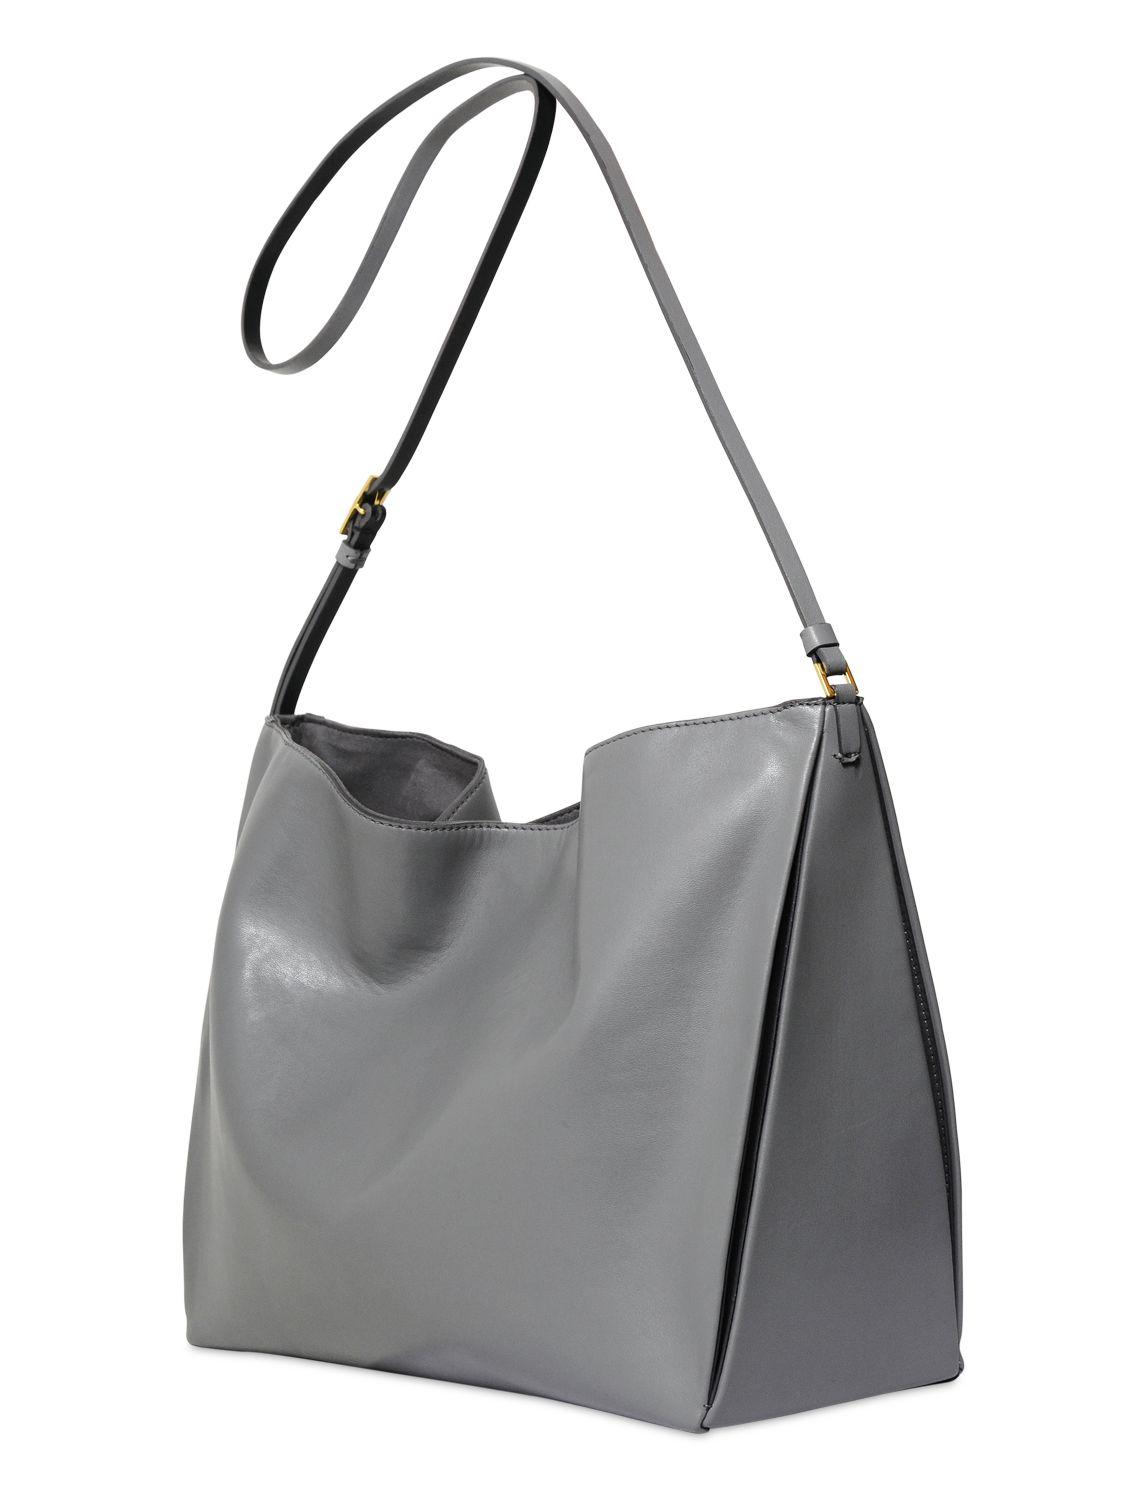 Stella mccartney Eco Faux Nappa Medium Shoulder Bag in Gray | Lyst